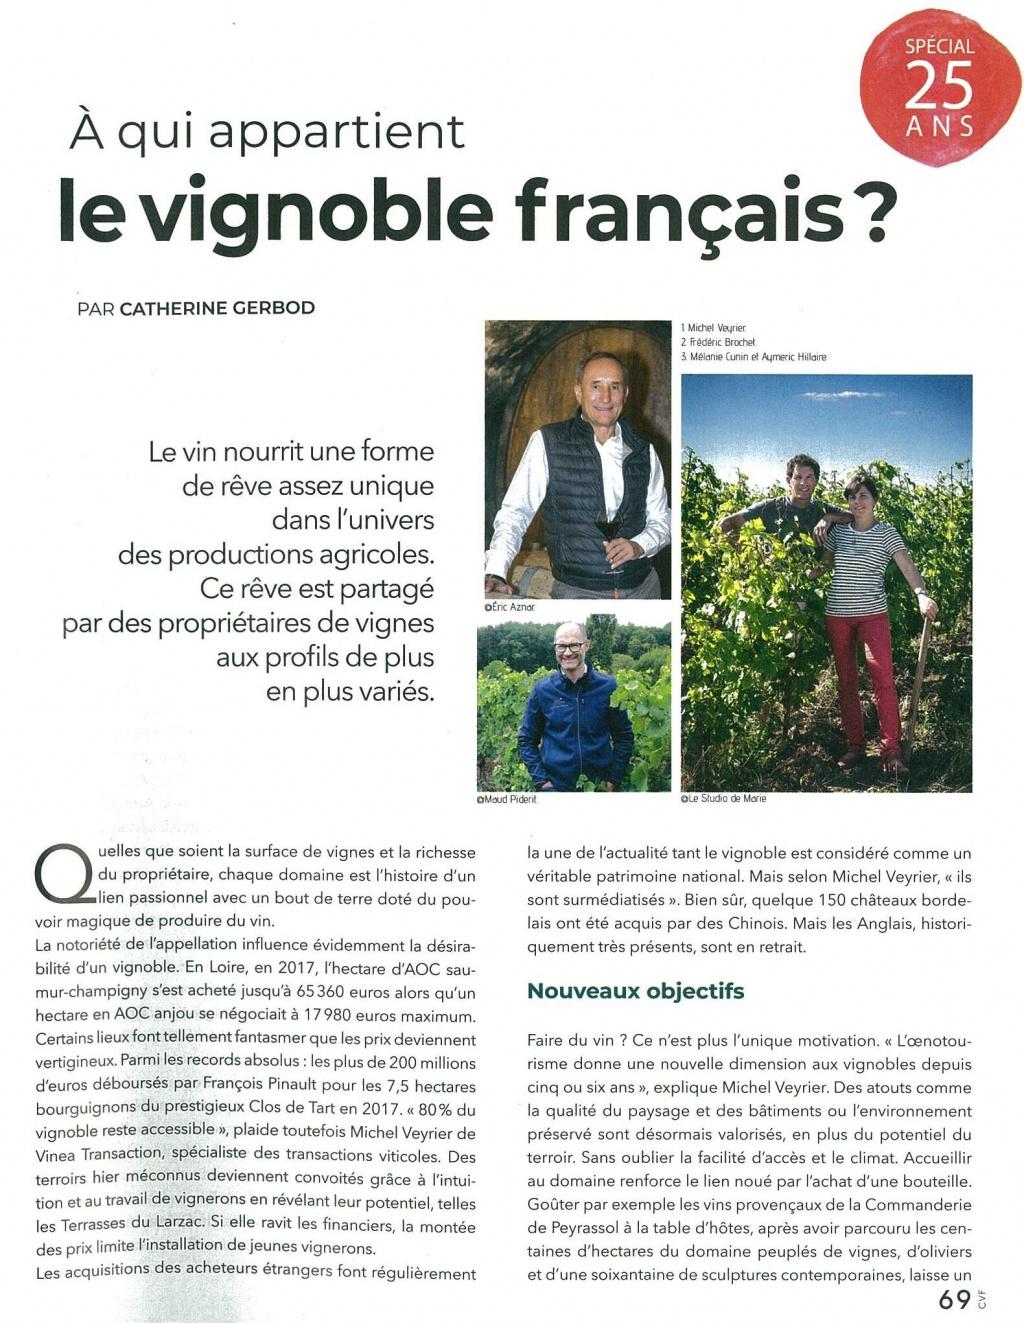 Cuisine et vins – A qui appartient le vignoble français?